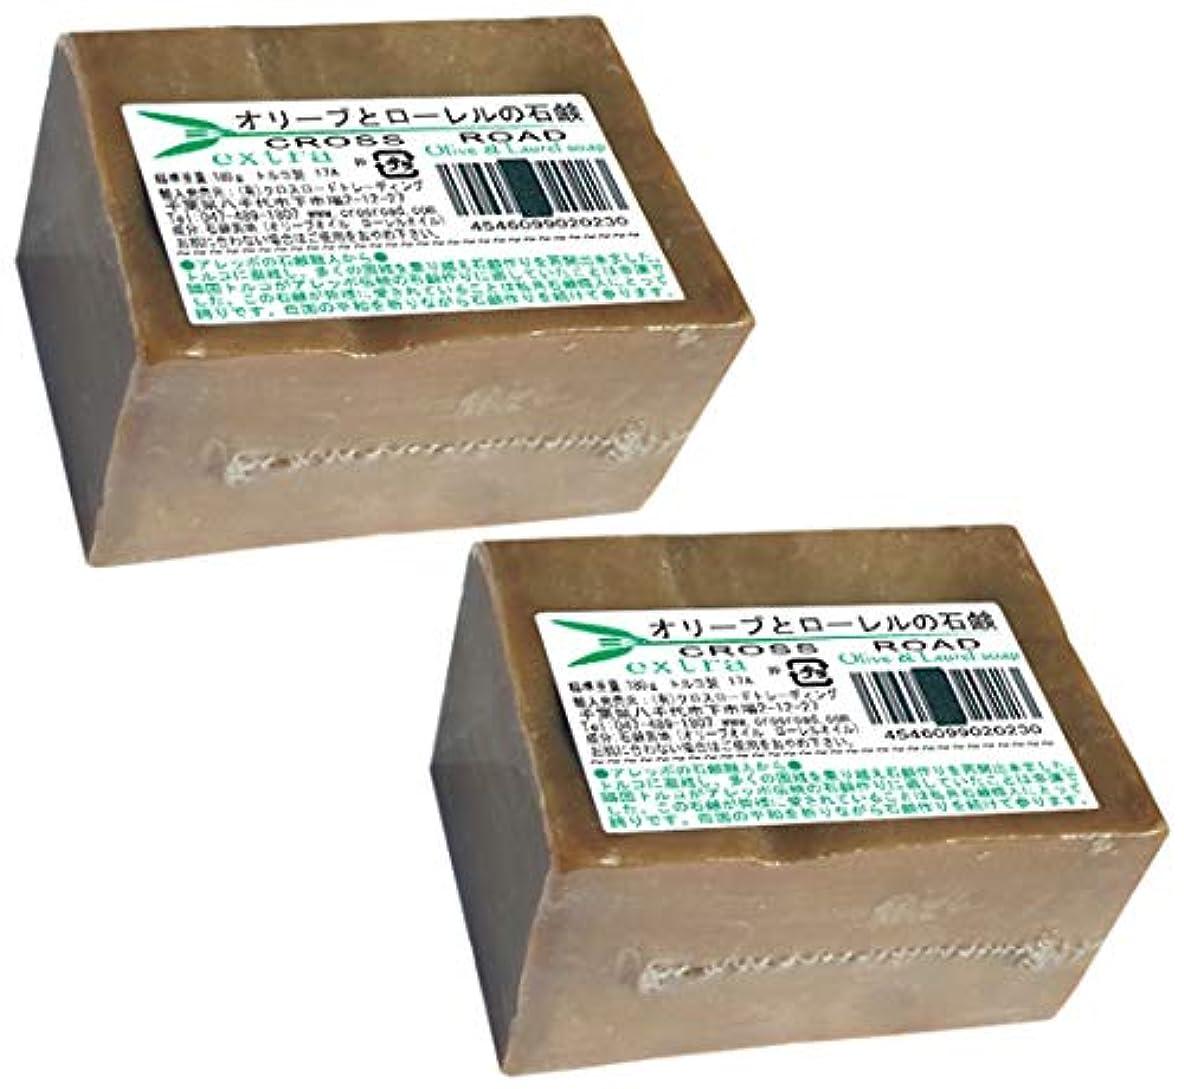 専門用語人実り多いオリーブとローレルの石鹸(エキストラ)2個セット[並行輸入品]